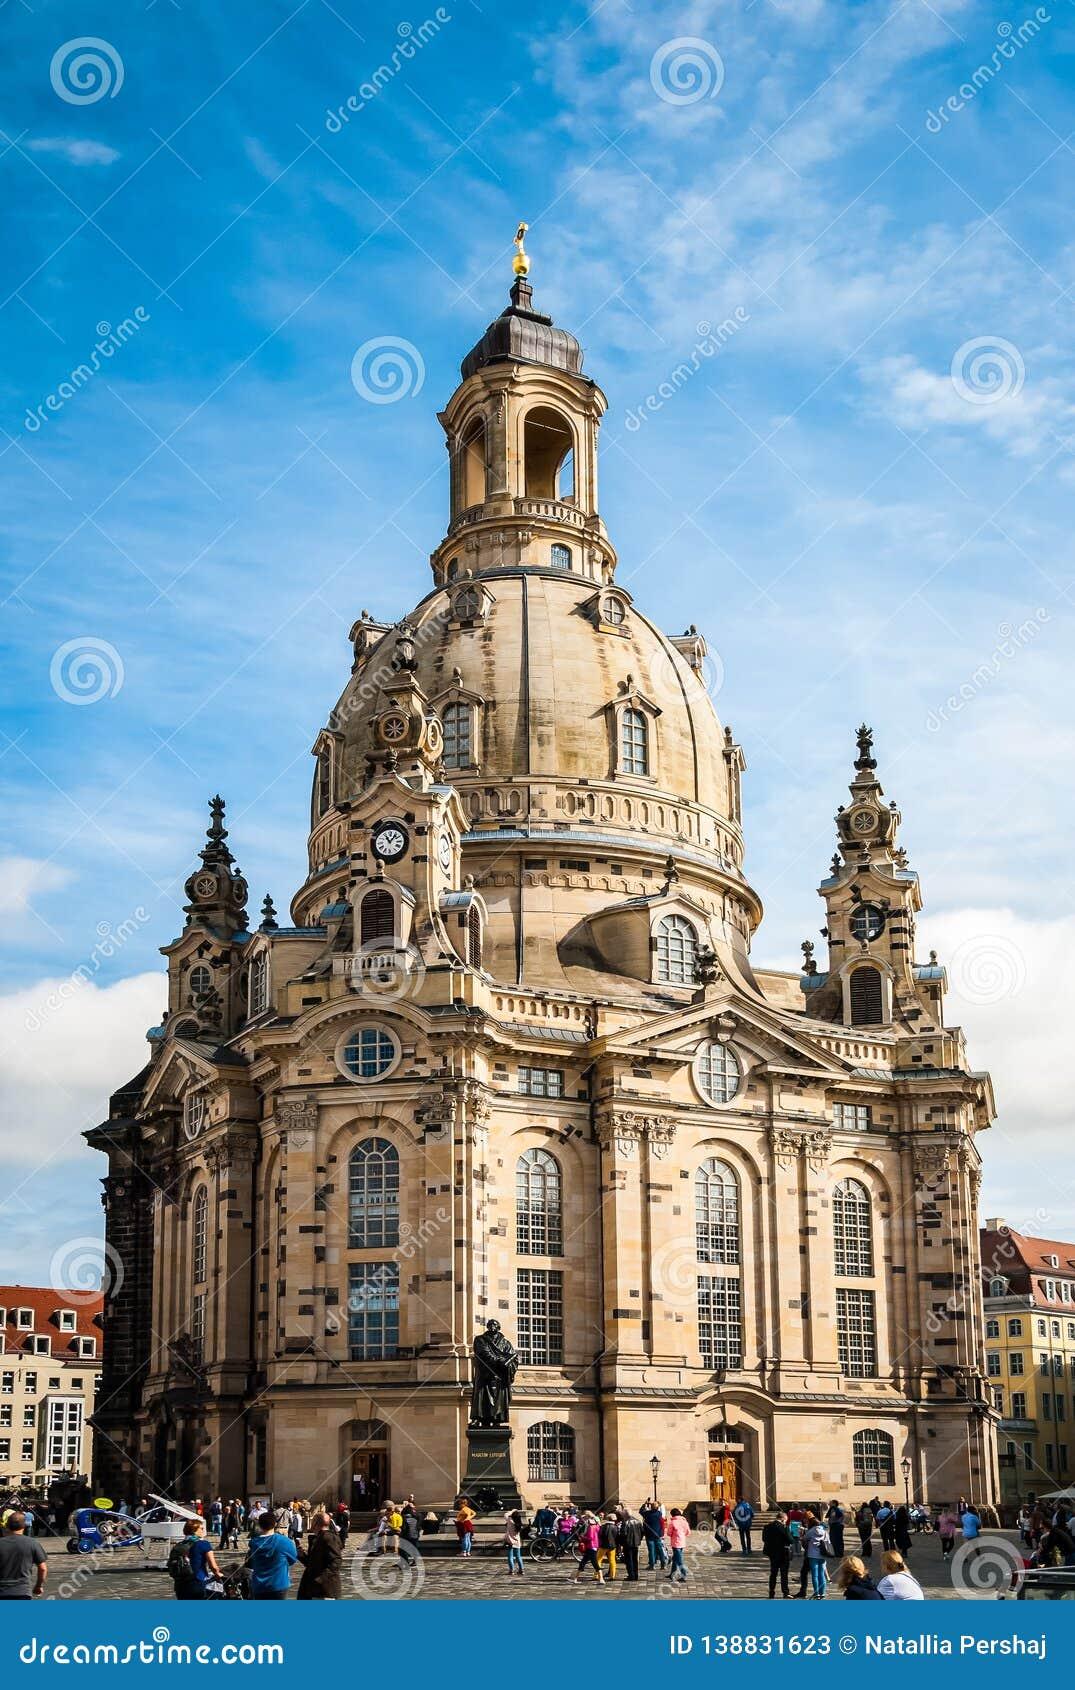 Frauenkirche notre église de Madame et statue de Martin Luther au centre de la vieille ville à Dresde, Allemagne